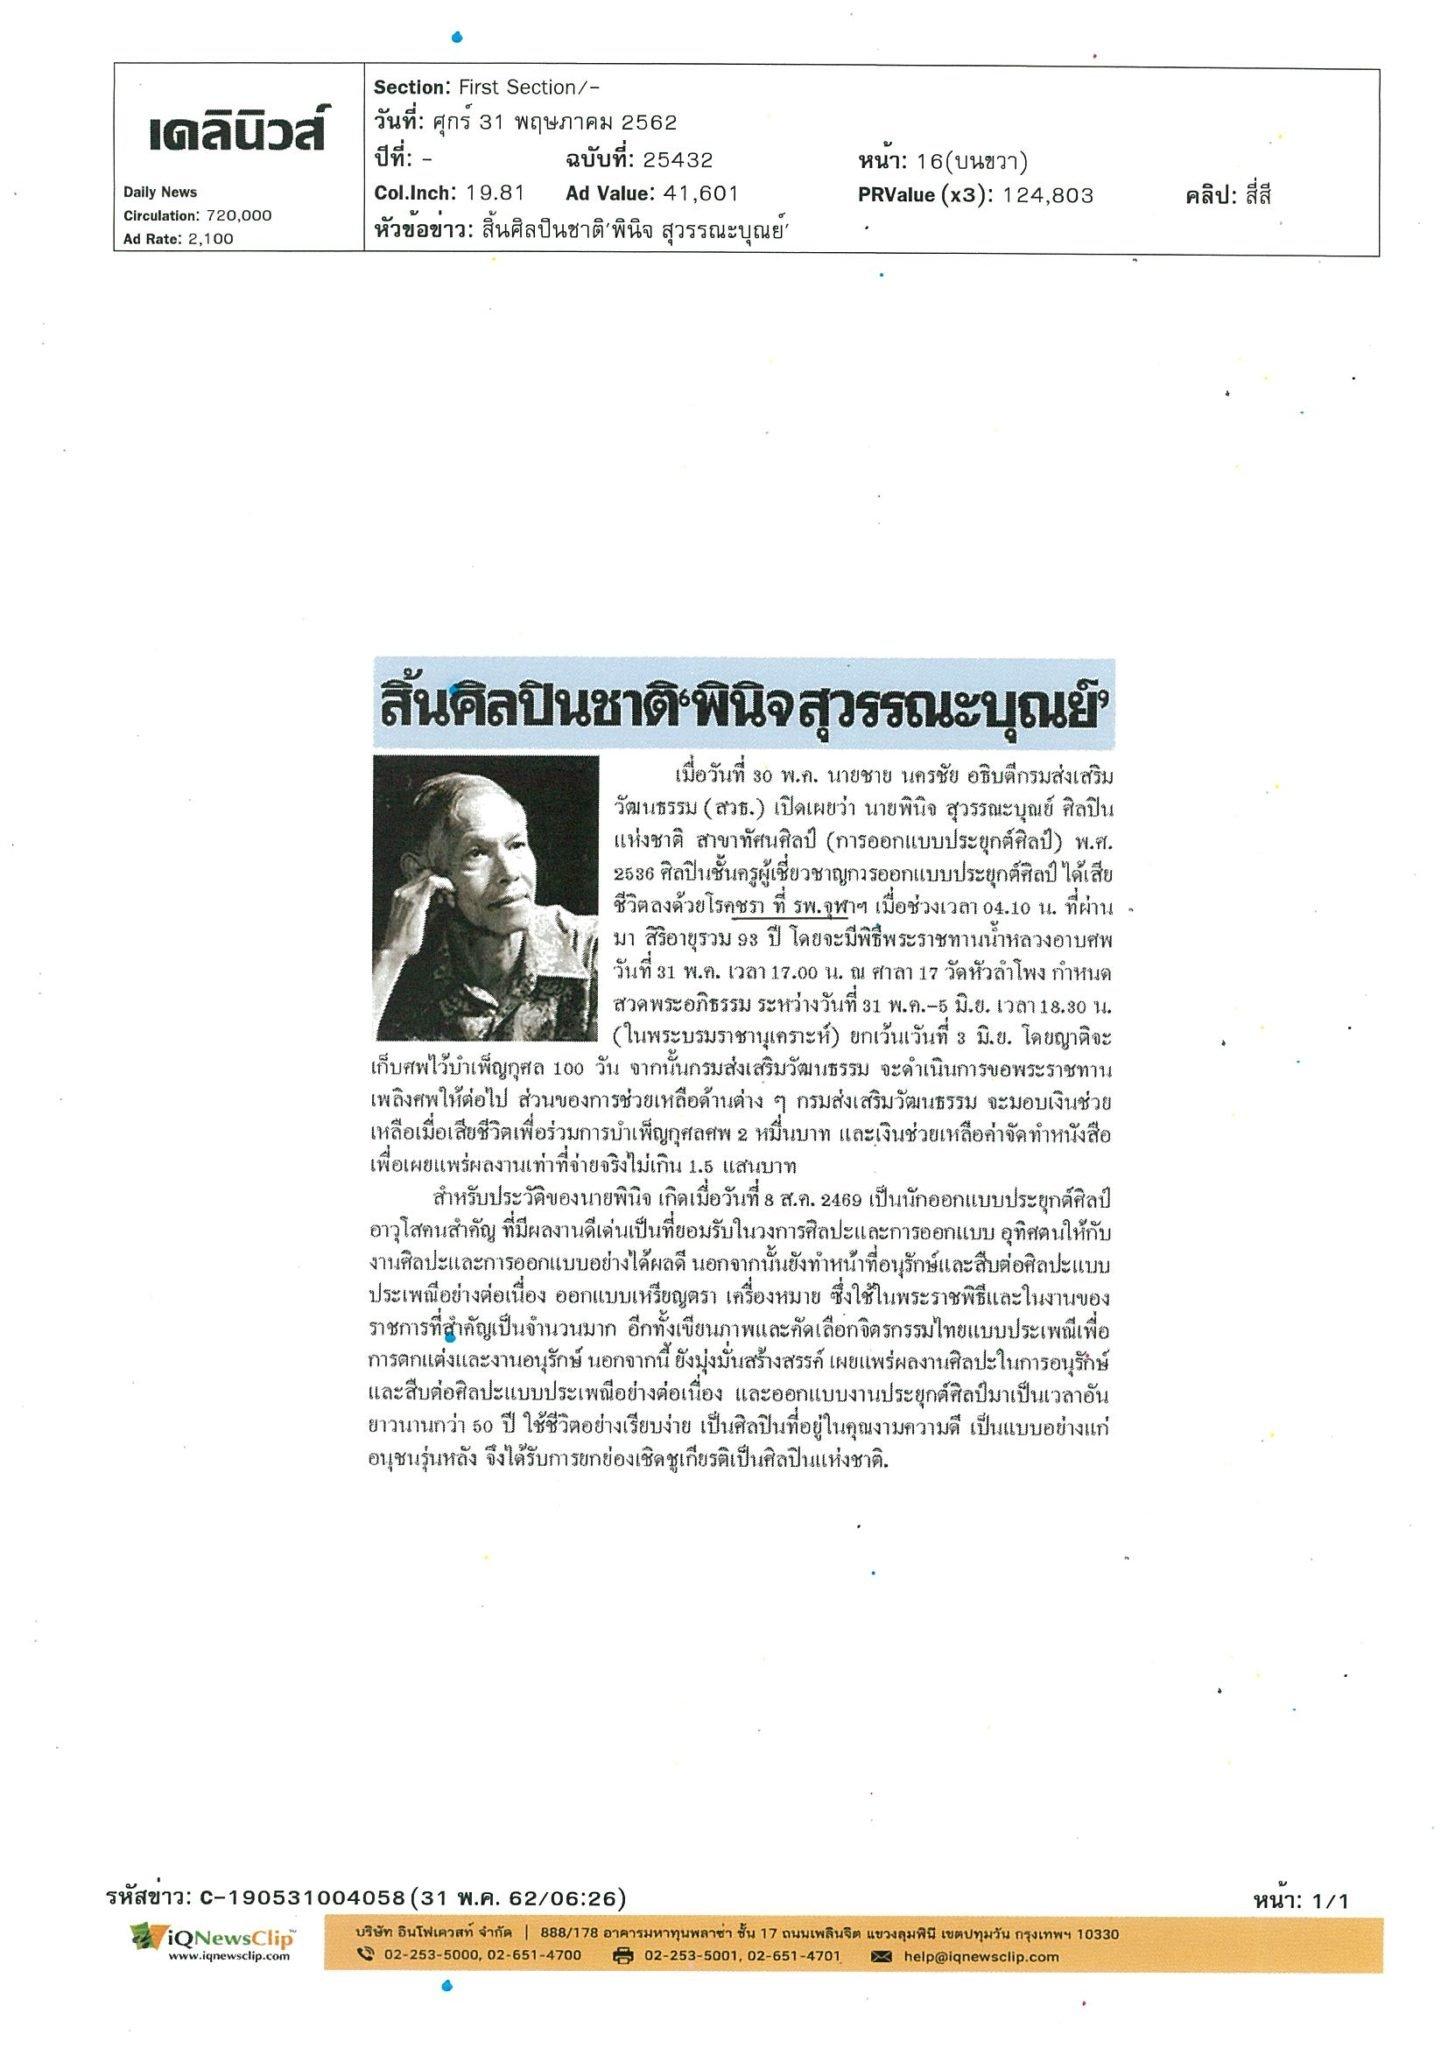 ศิลปินแห่งชาติ เสียชีวิต ที่ รพ.จุฬาฯ